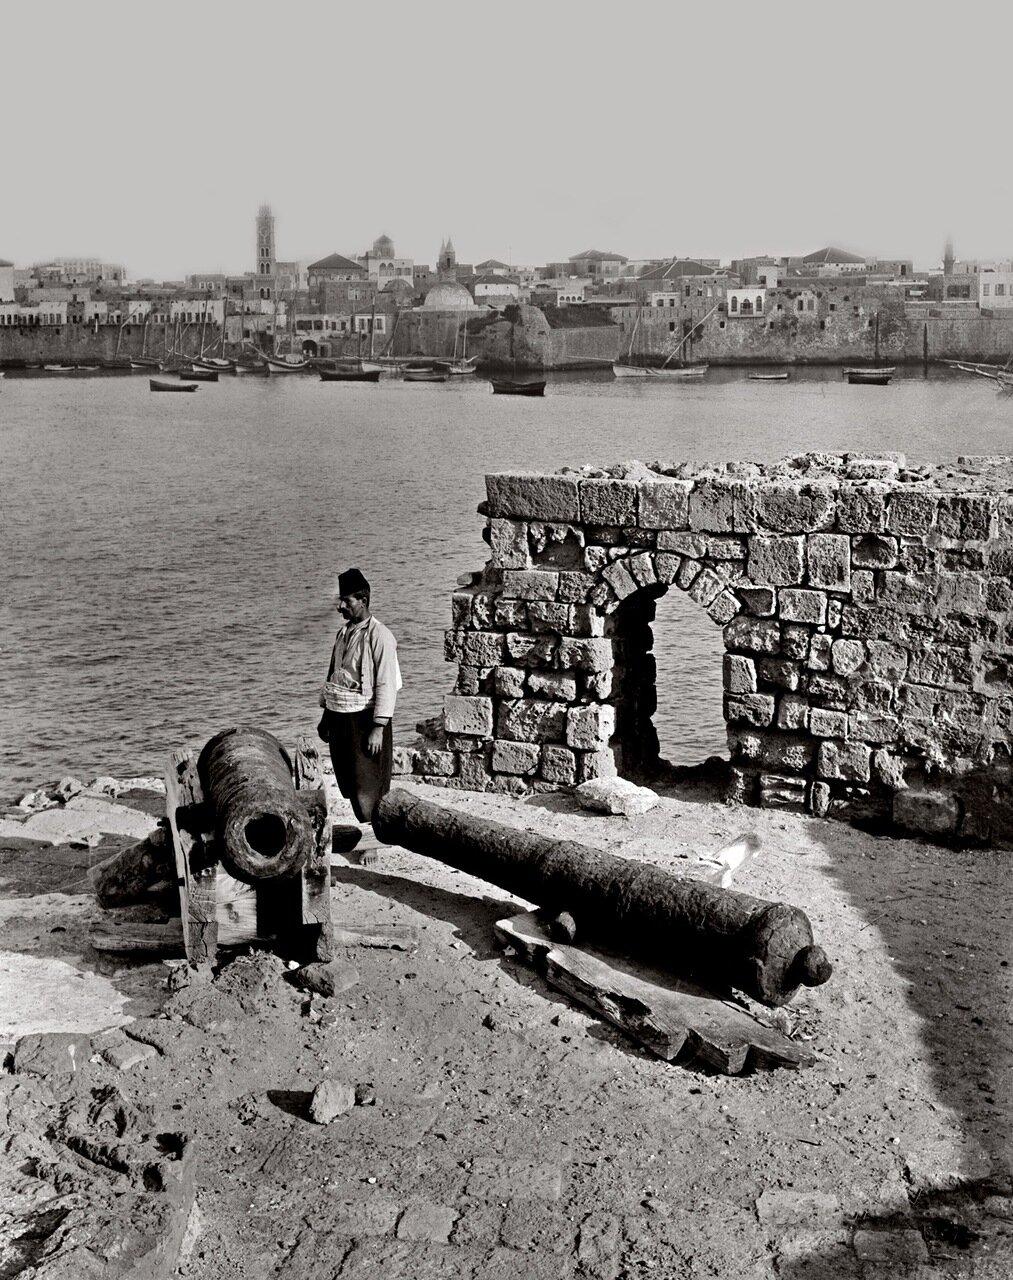 Вид Акко с моря. Палестина. 1900-1920